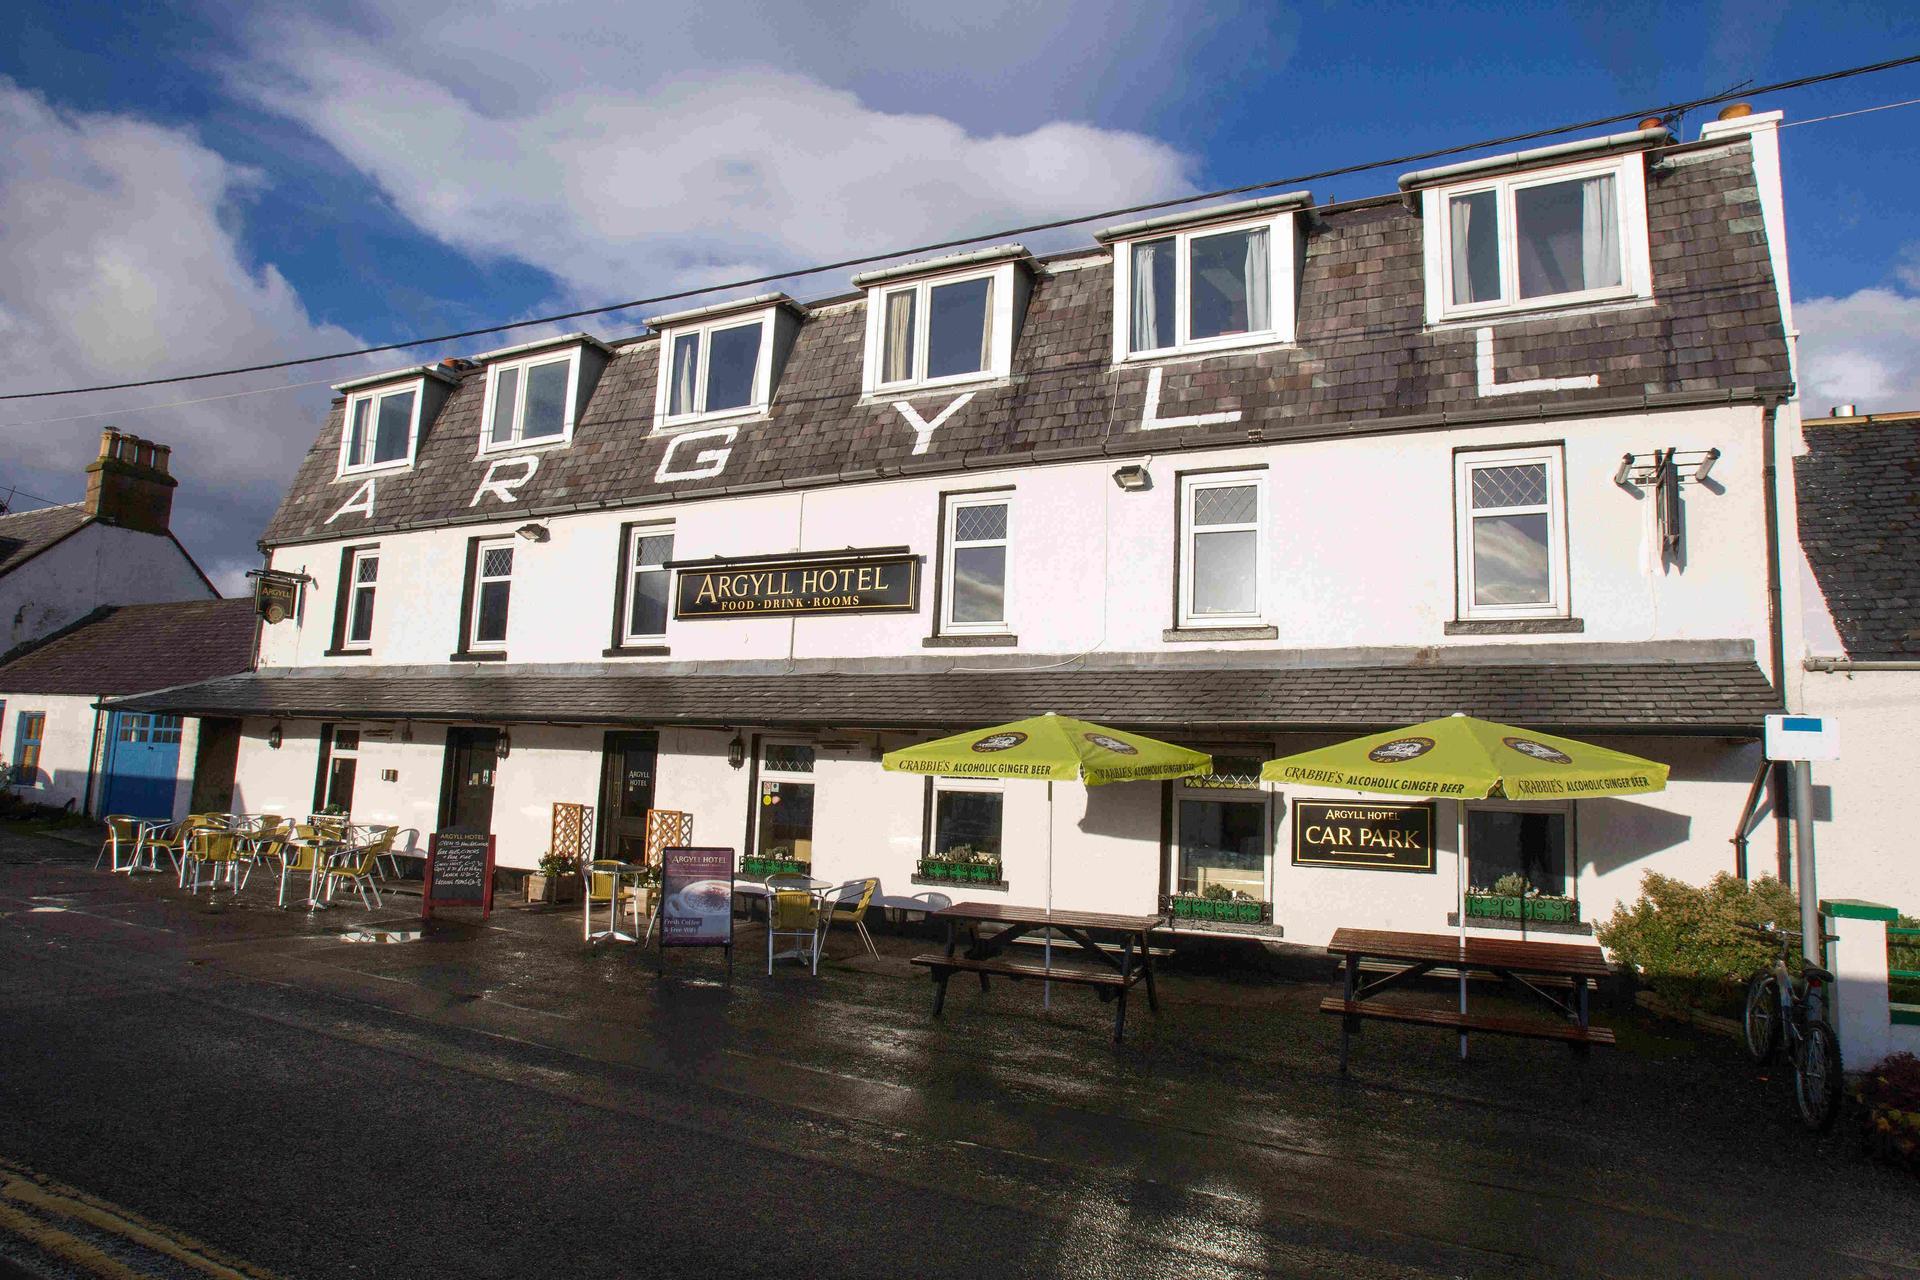 Argyll Hotel in Scotland